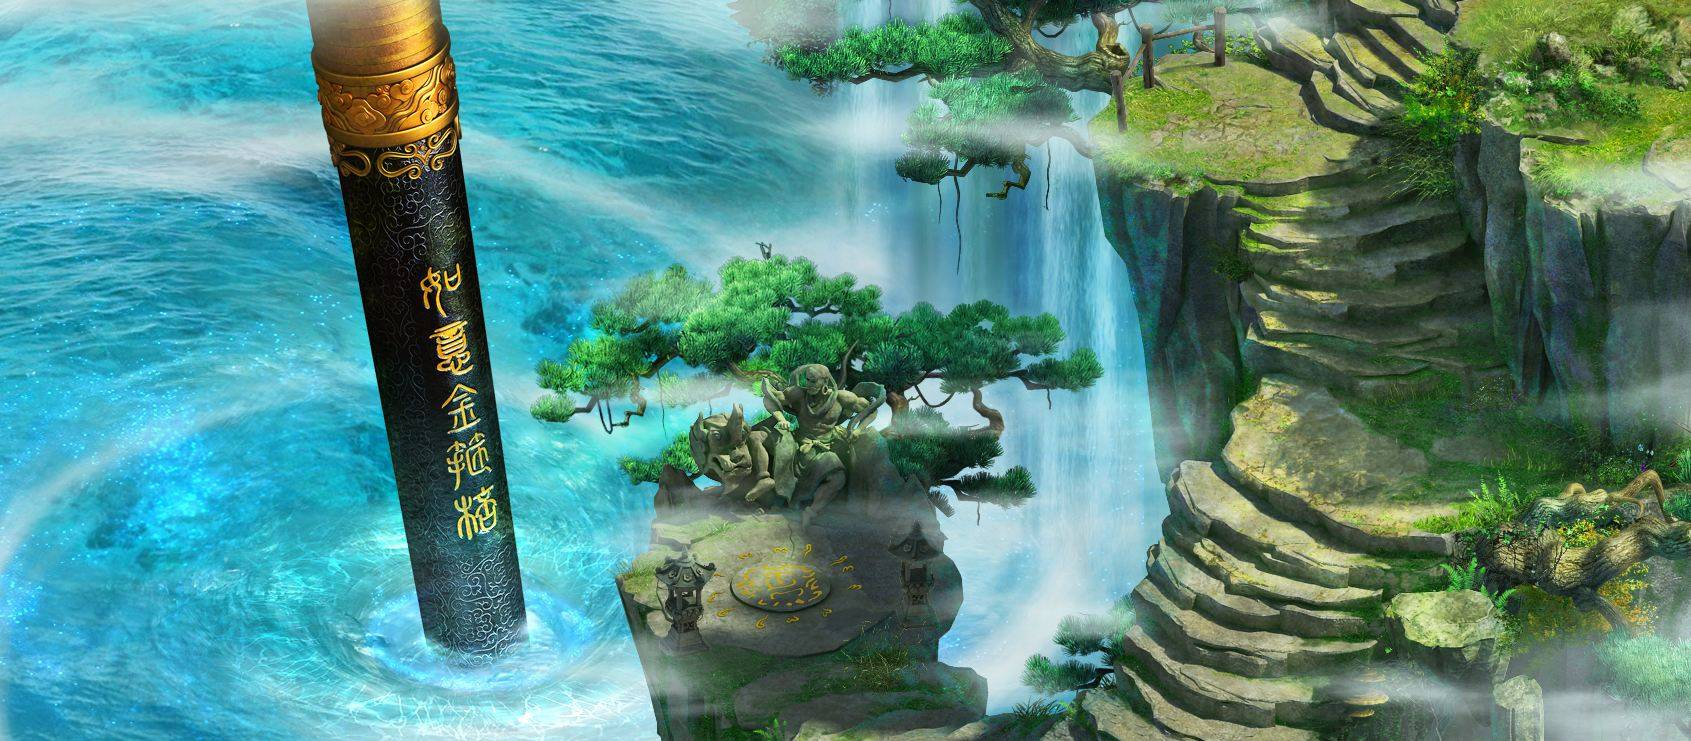 定海神针清屏专用图片